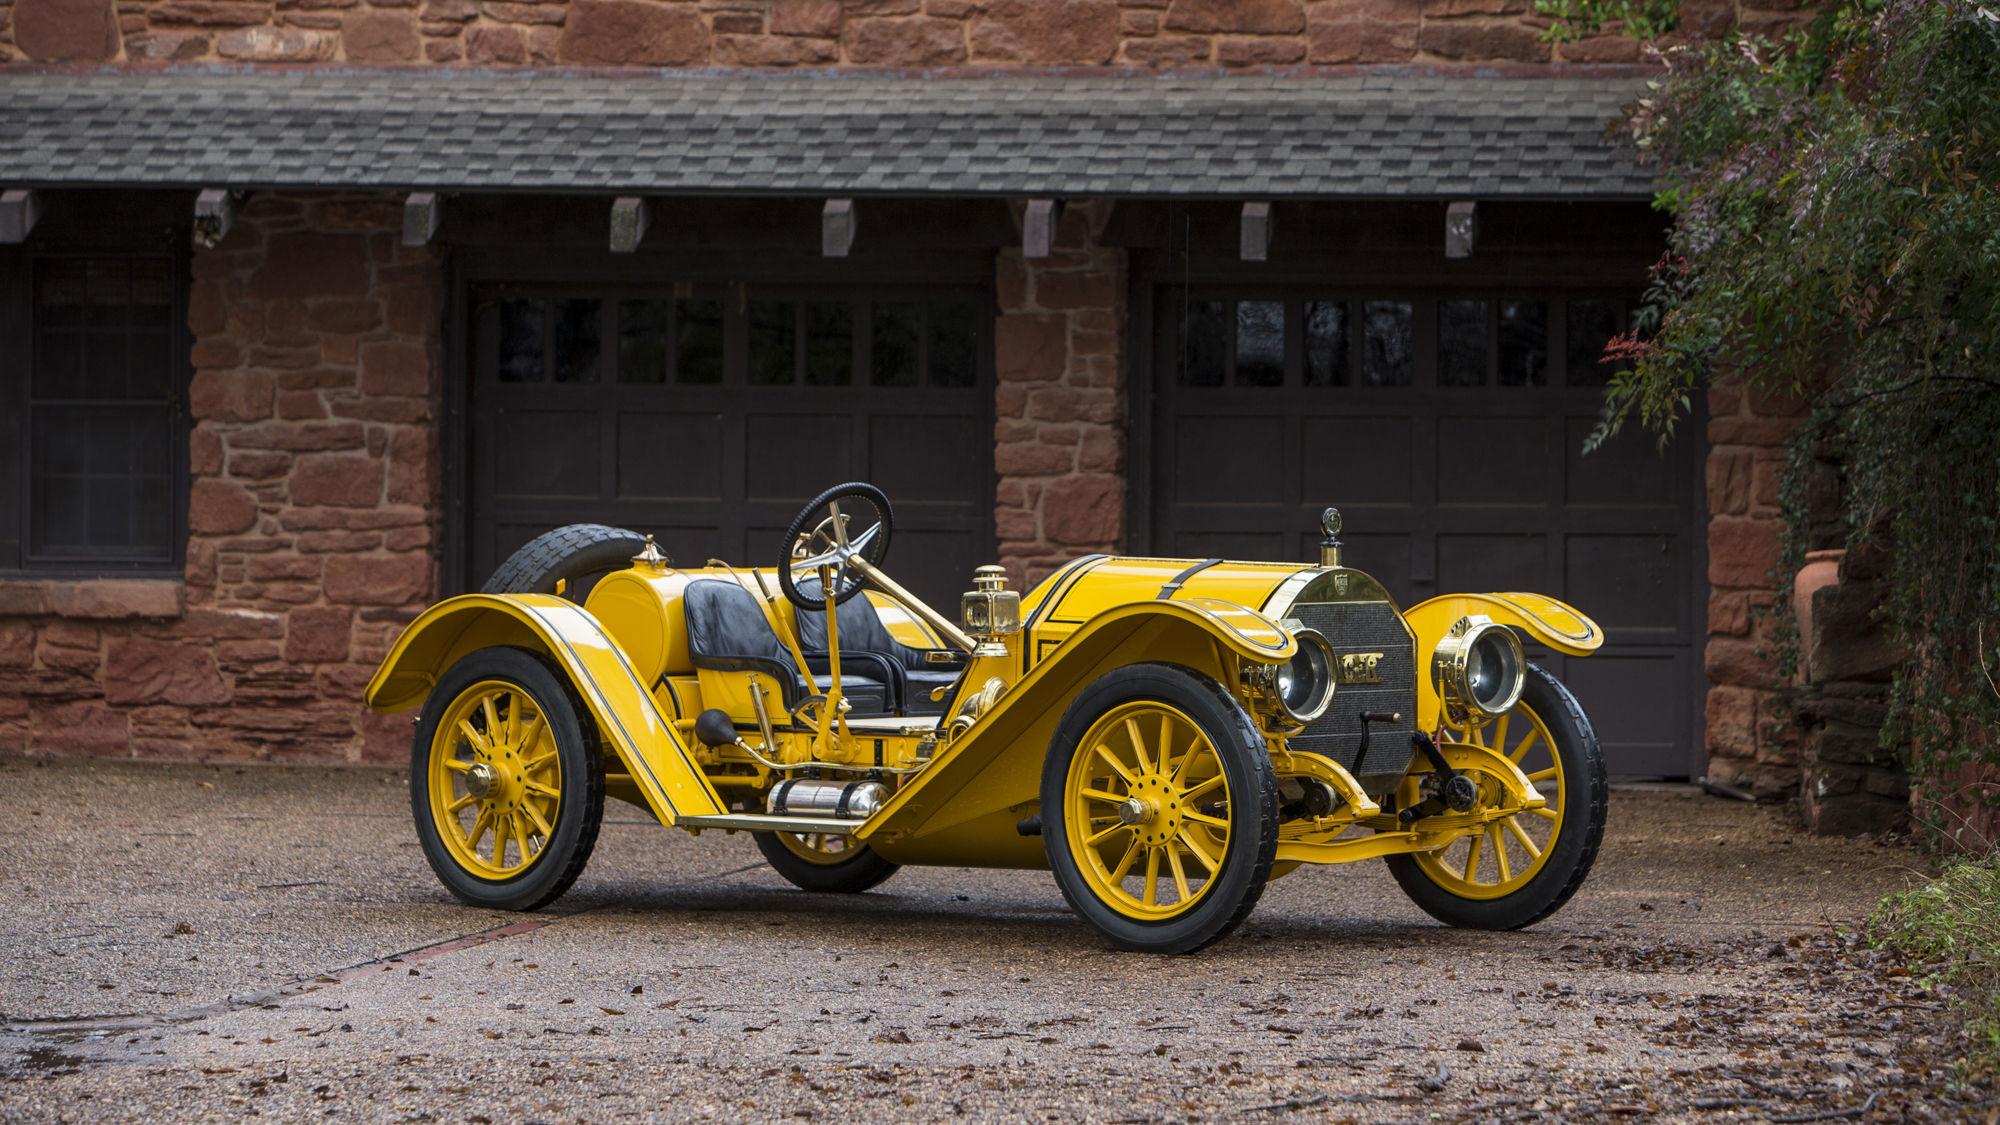 Top 10 Most Expensive Cars >> 2019 Bonhams Amelia Island Sale (Auction Preview) | Top ...